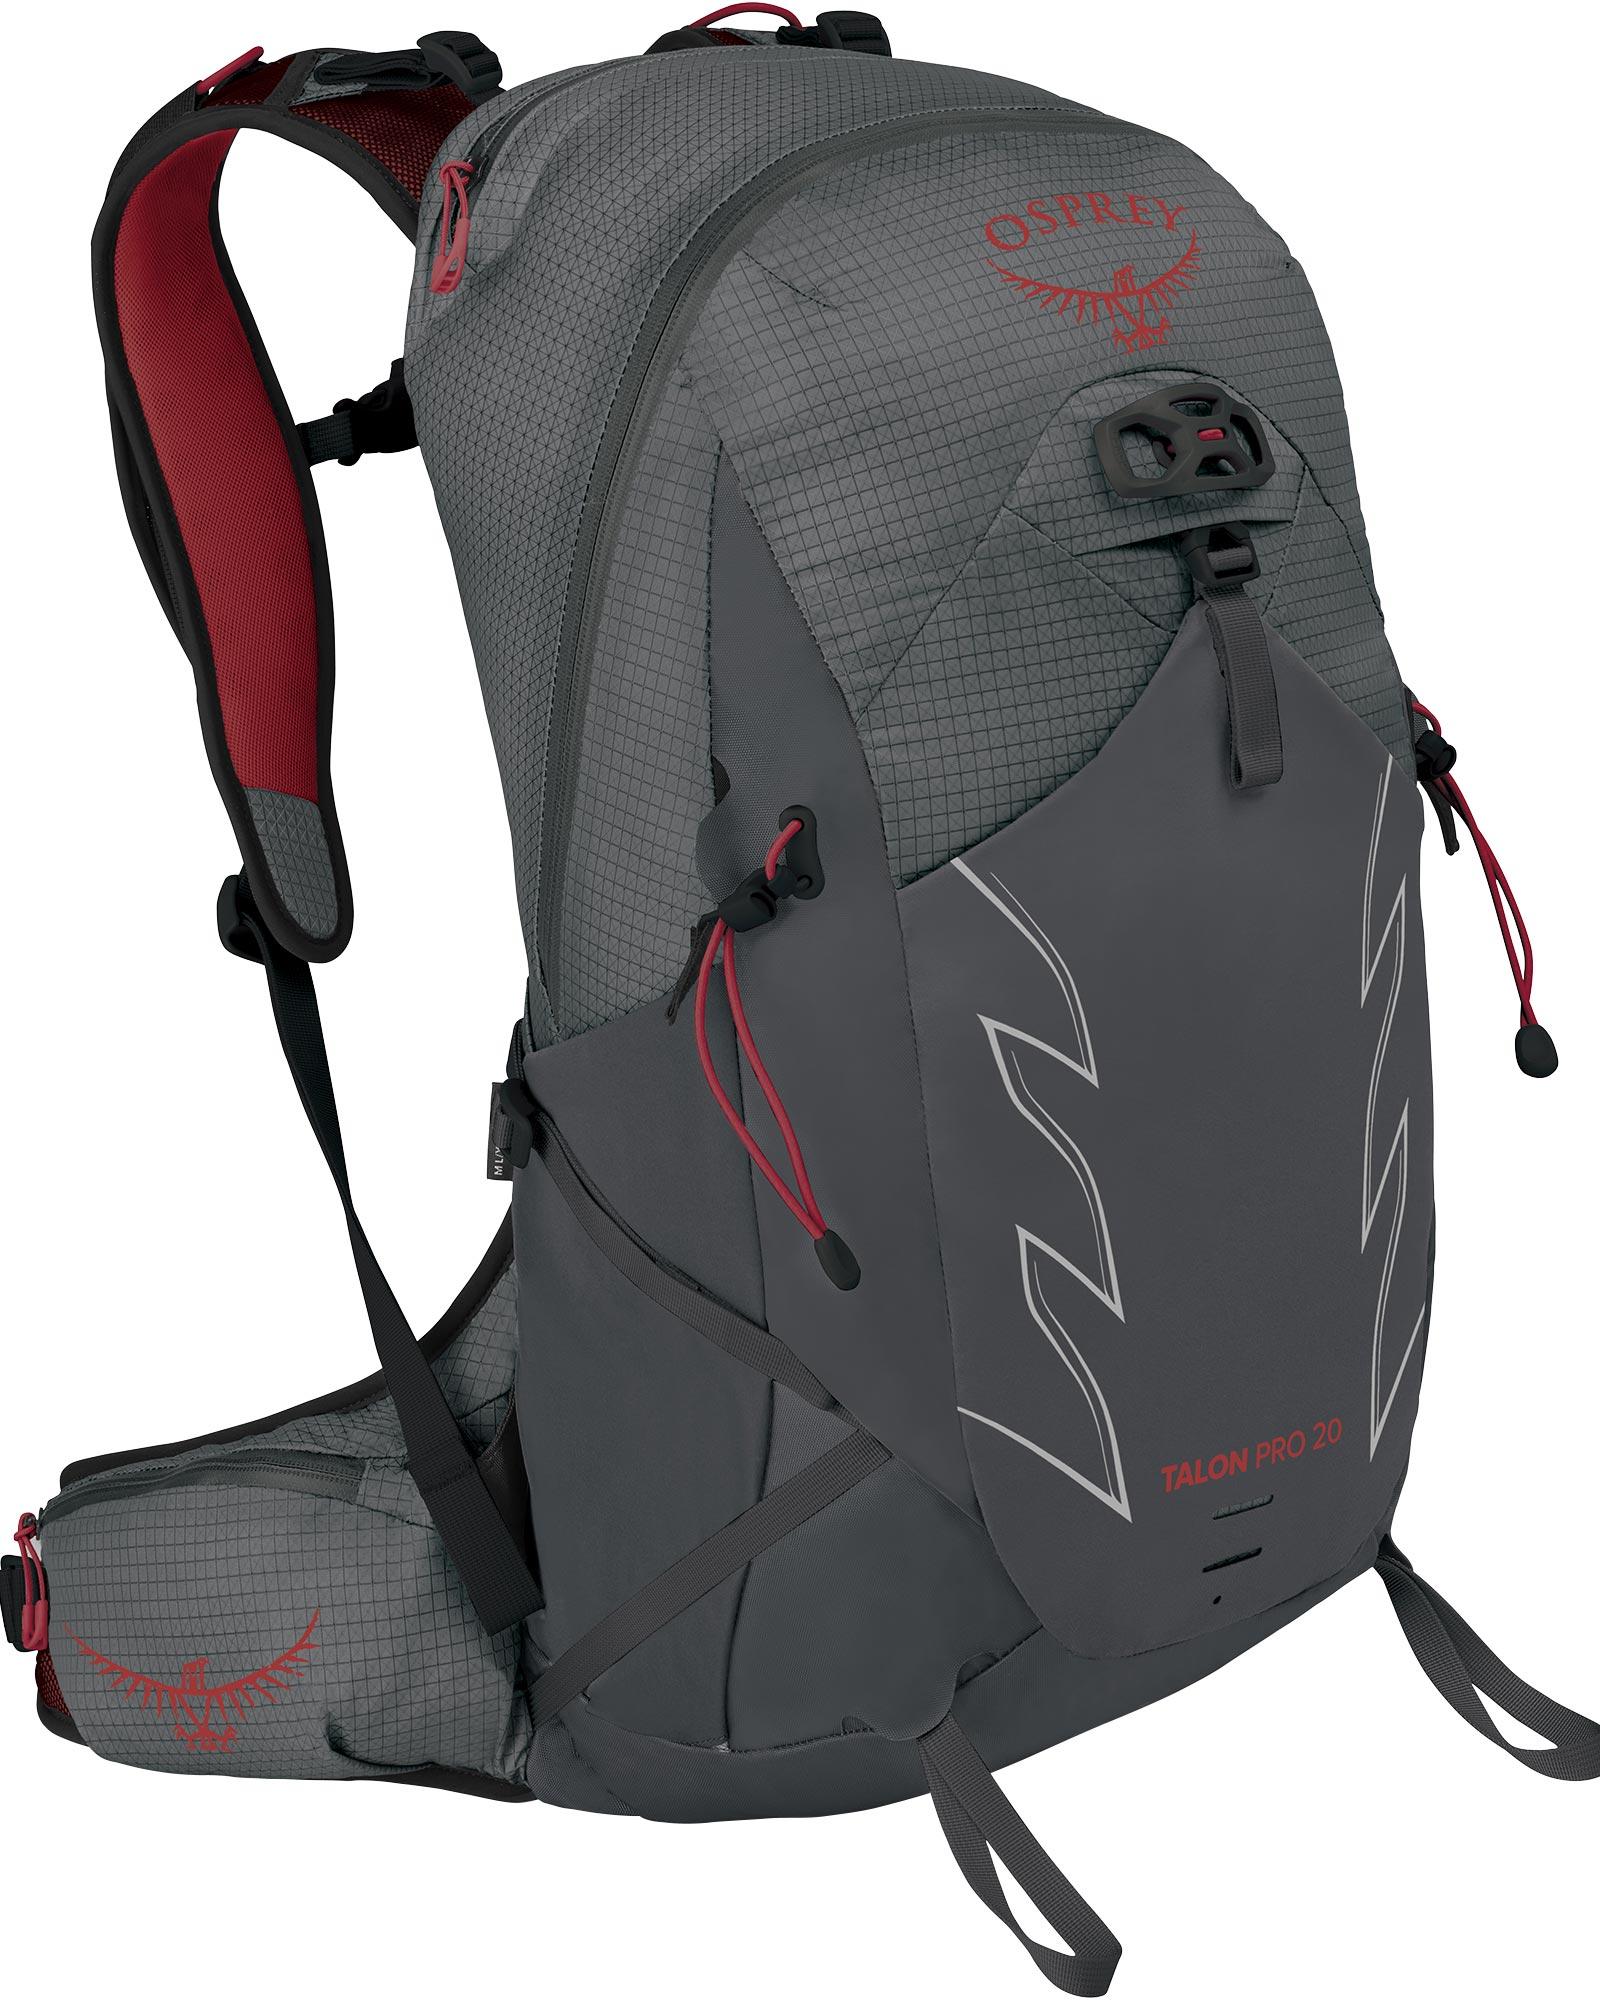 Osprey Men's Talon Pro 20 Backpack 0